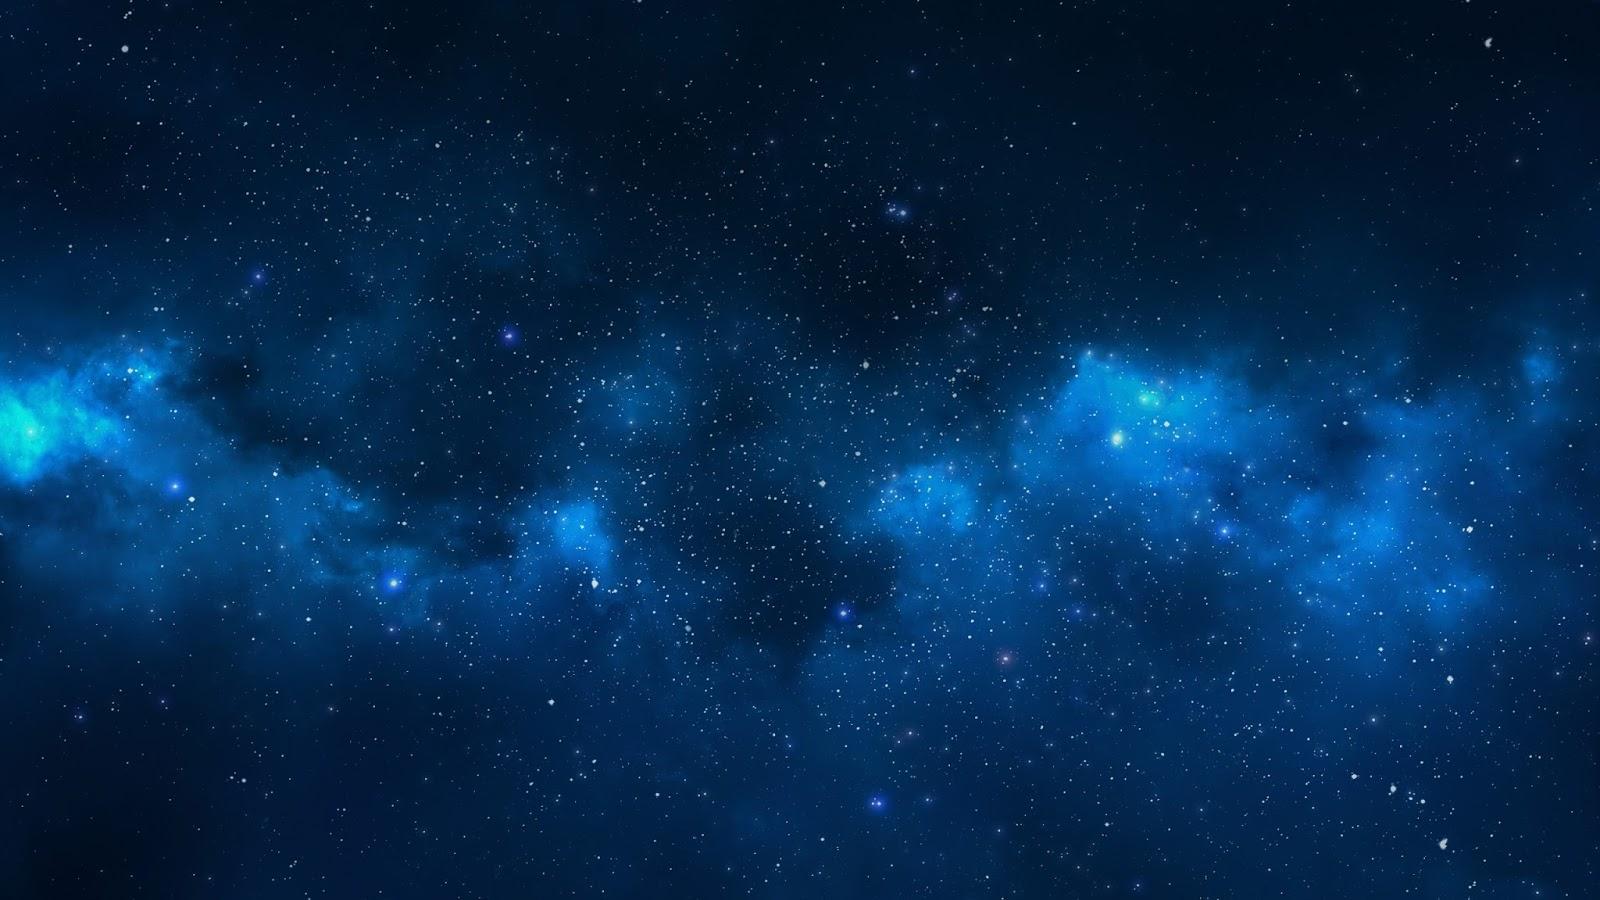 Photo De Couverture Beau Fond Bleu Ciel étoilé Type